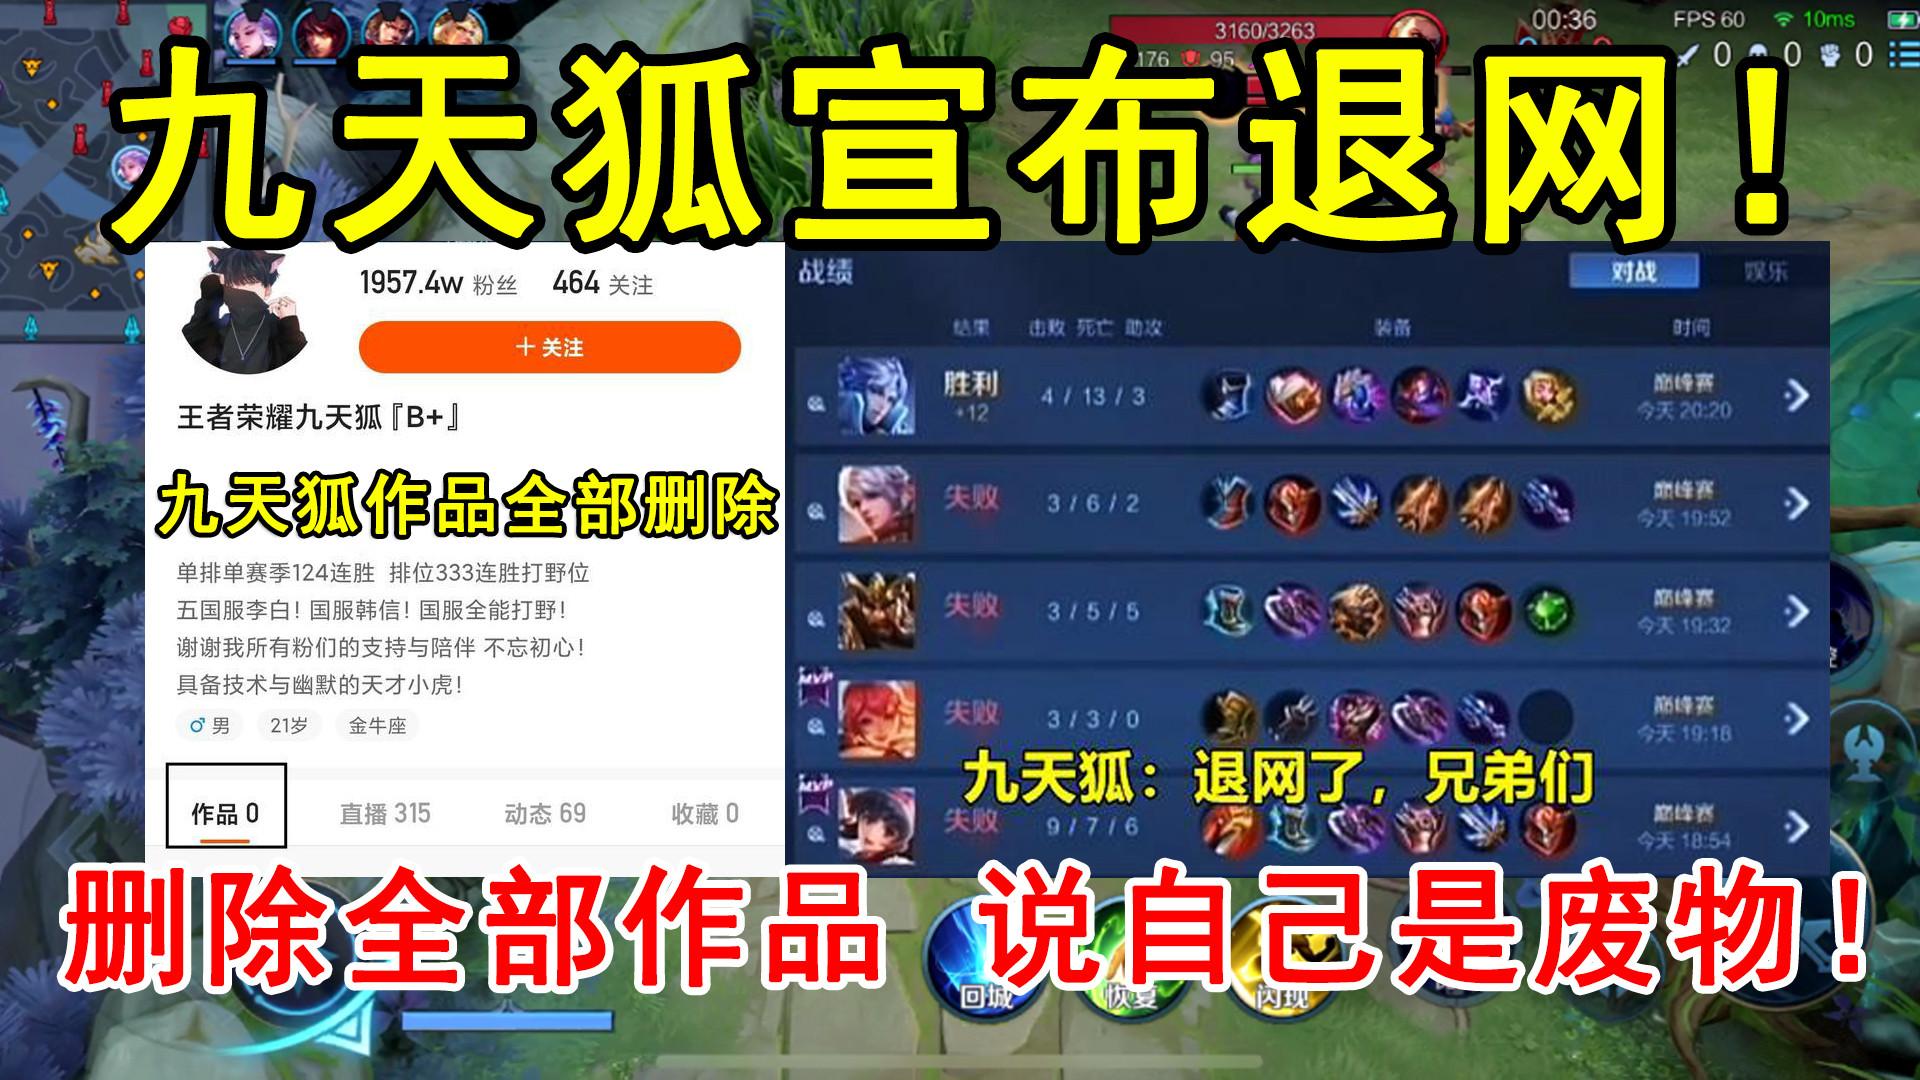 王者荣耀:九天狐宣布退网!删除全部作品,说自己是废物!.